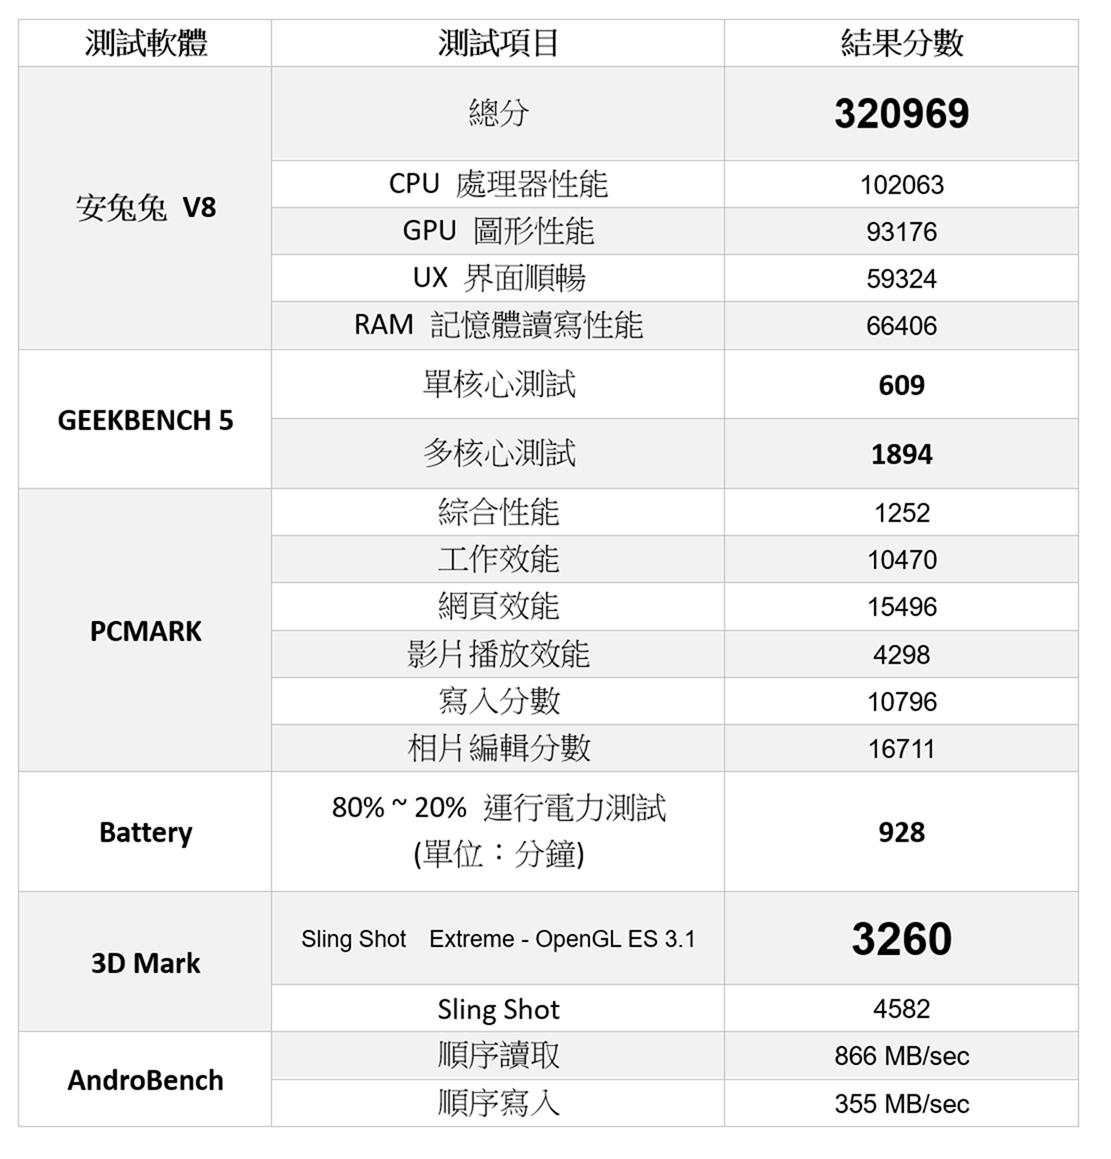 首款国产 5G 手机 HTC U20 5G 开箱实测 (1) 性能测试 / 游戏实测 / 电力续航 / 相机实拍分享 @3C 达人廖阿辉